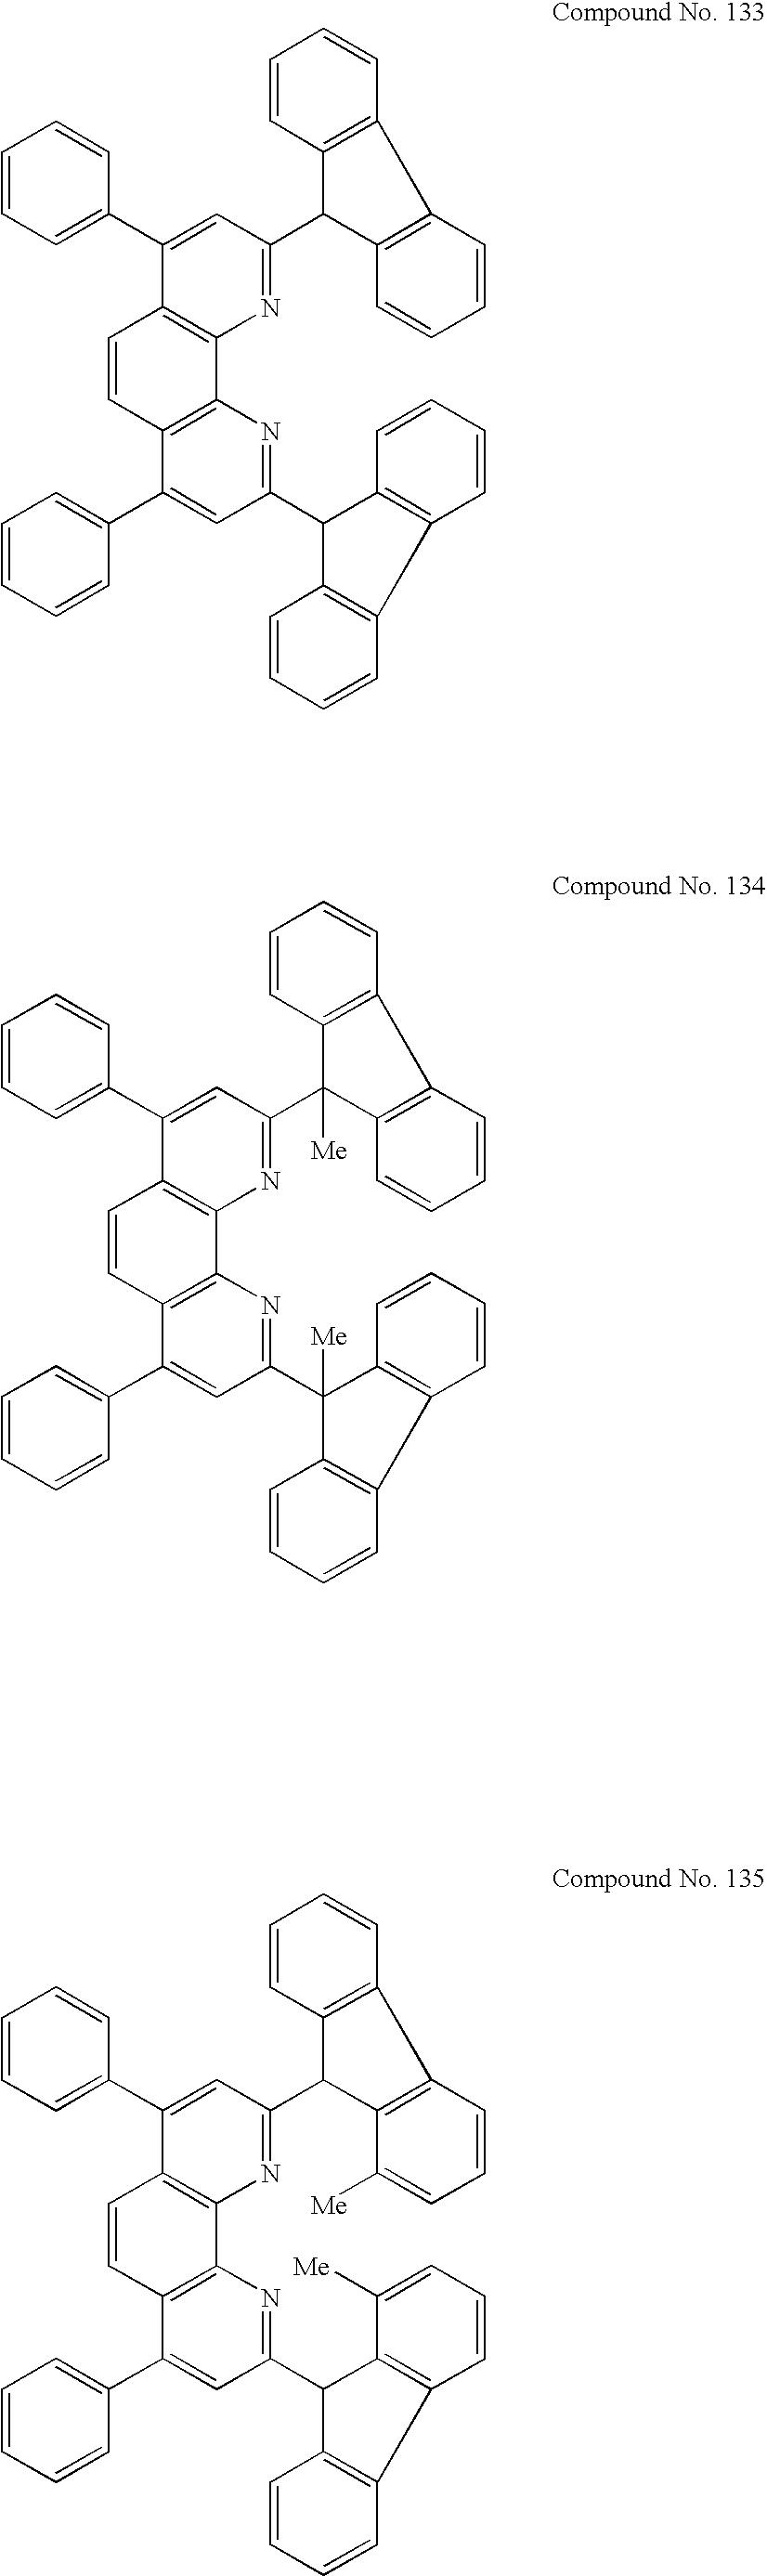 Figure US20050073641A1-20050407-C00043